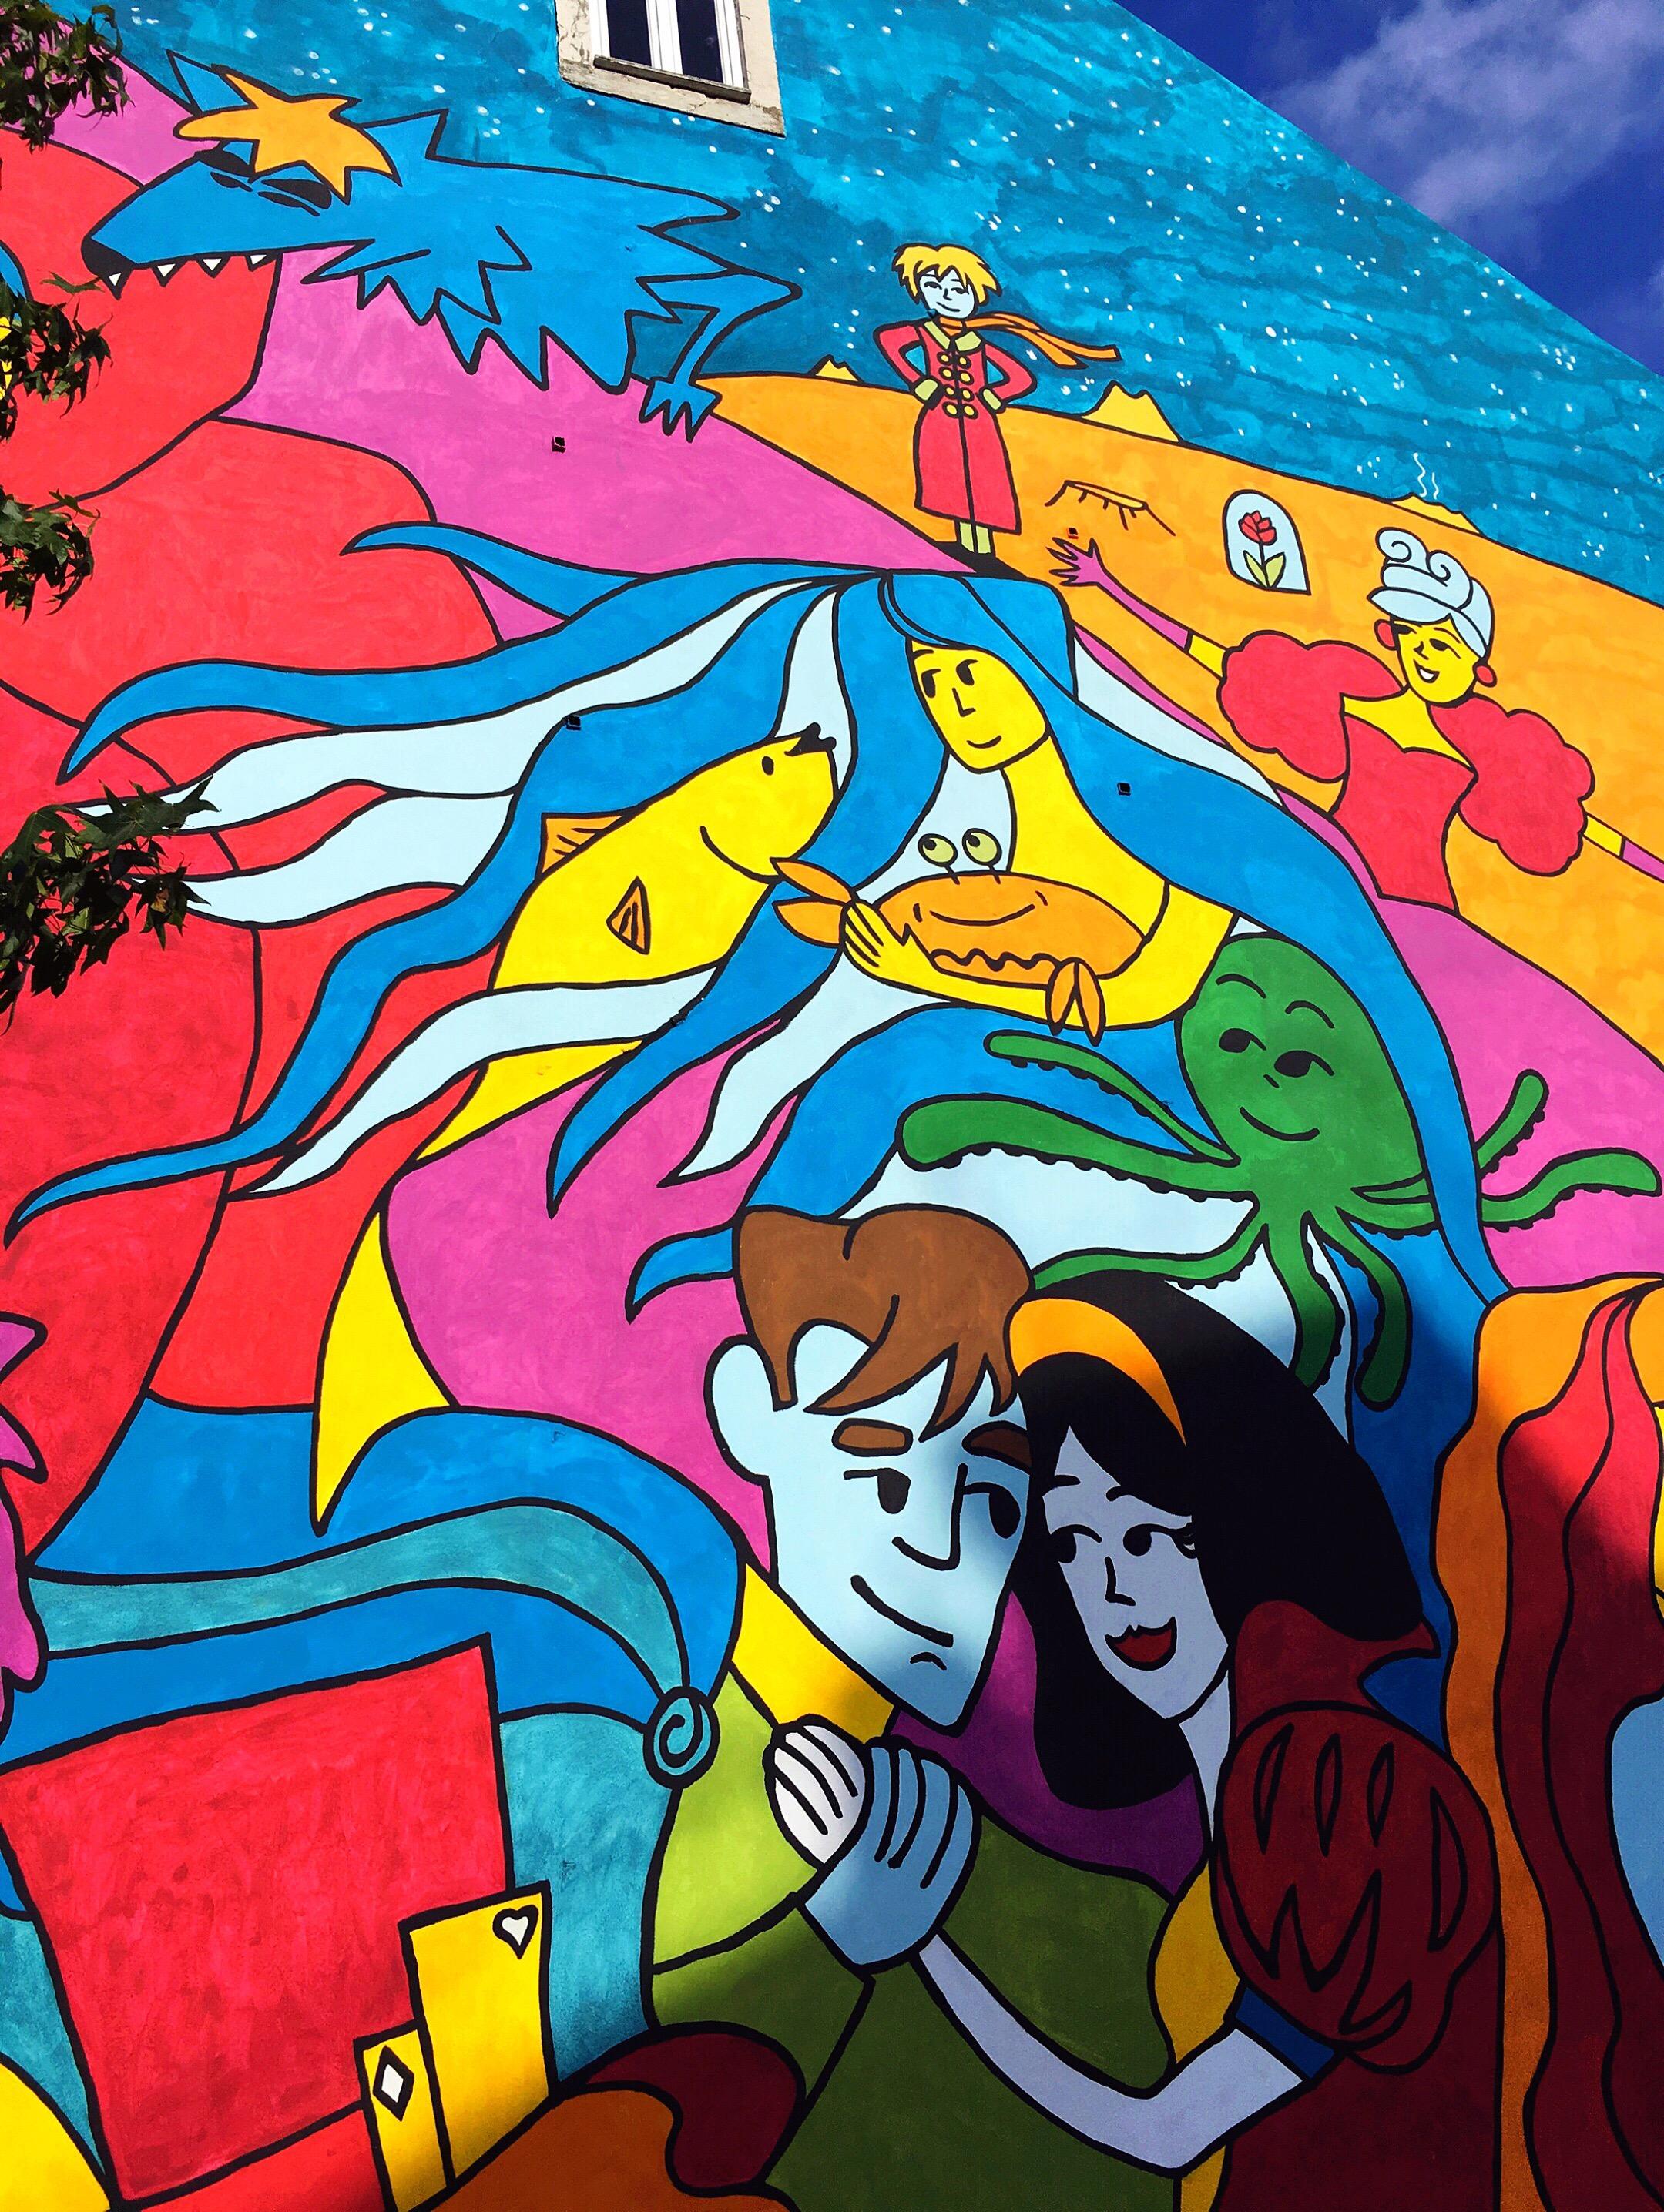 Art by Isa Silva